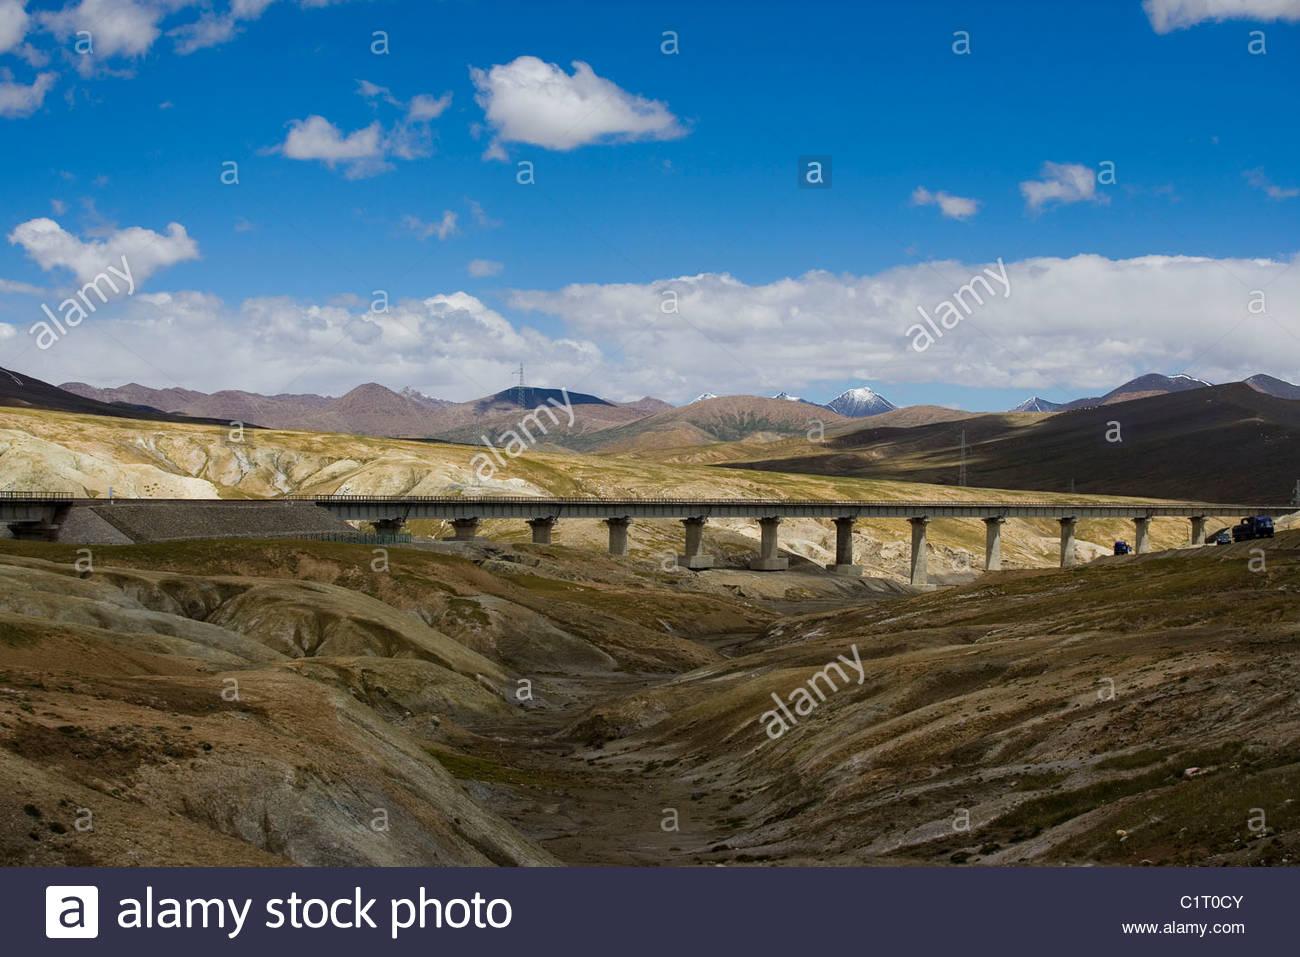 Mt Kunlun, Qinghai Tibet Railway, Tibetan Plateau, Tibet, China - Stock Image